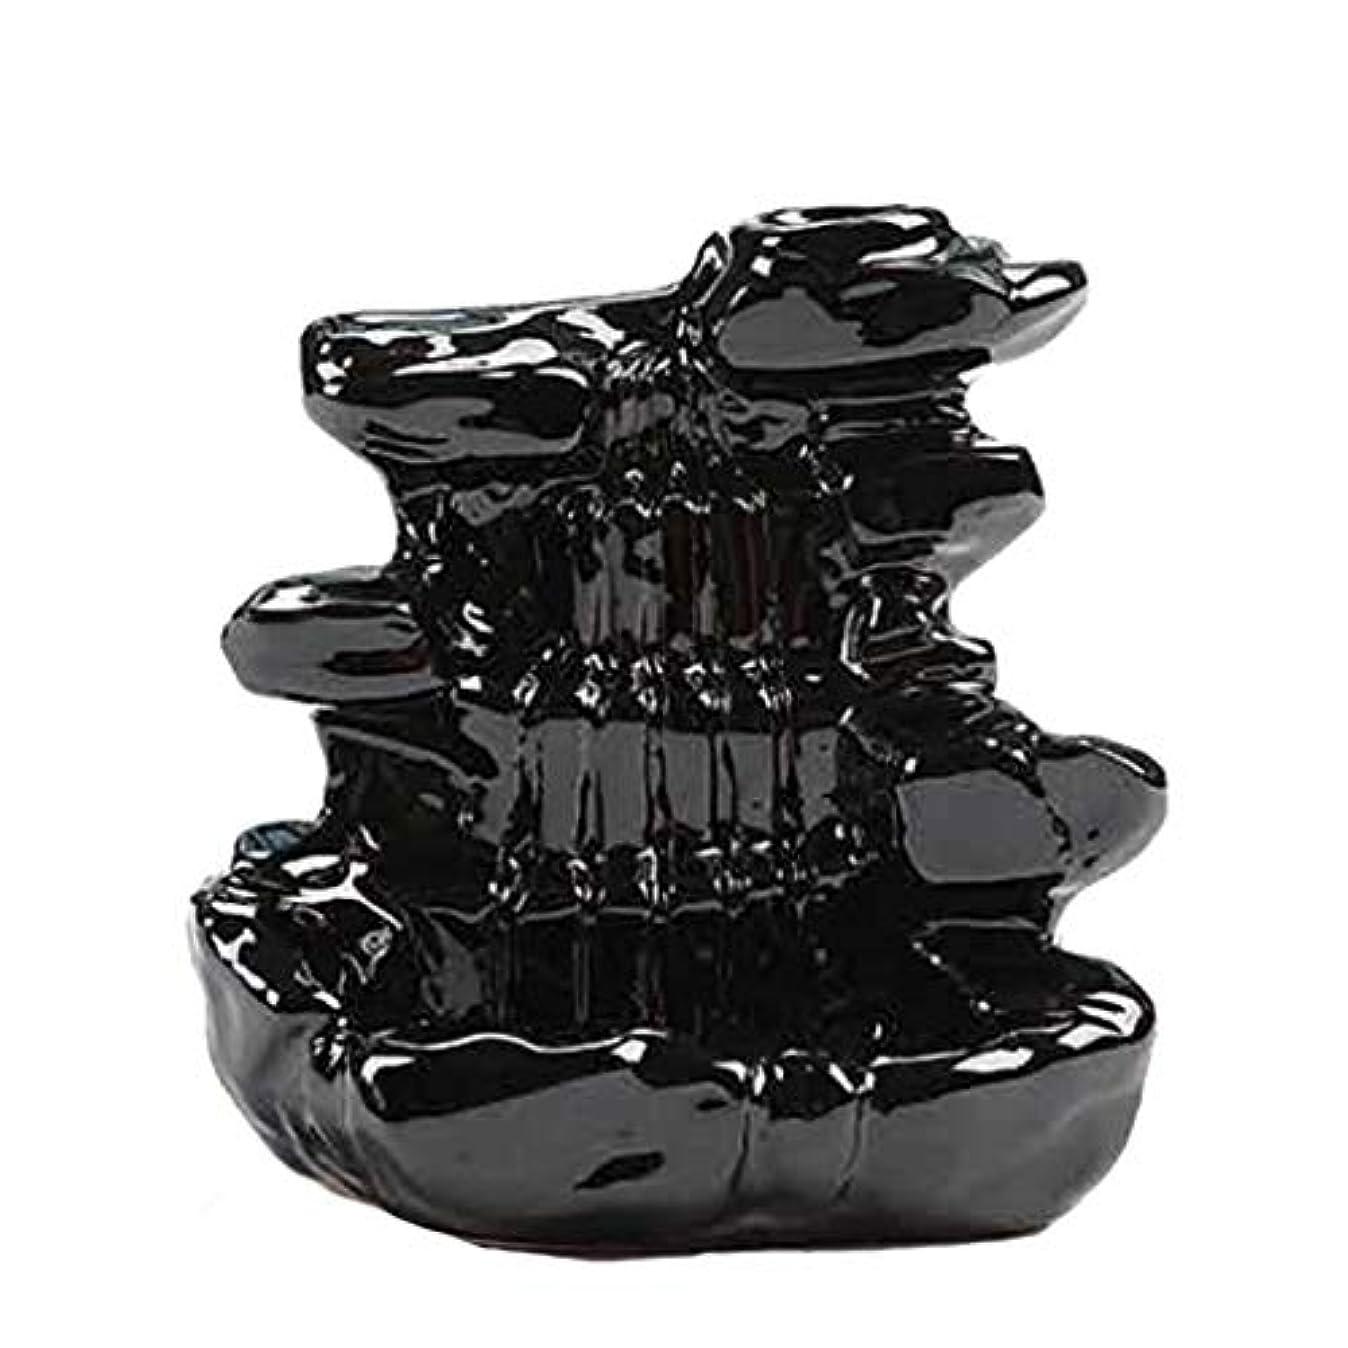 石化するやさしいライバル芳香器?アロマバーナー 家の装飾逆流香バーナーセラミックコーン滝香ホルダー仏教香炉 アロマバーナー芳香器 (Color : B)